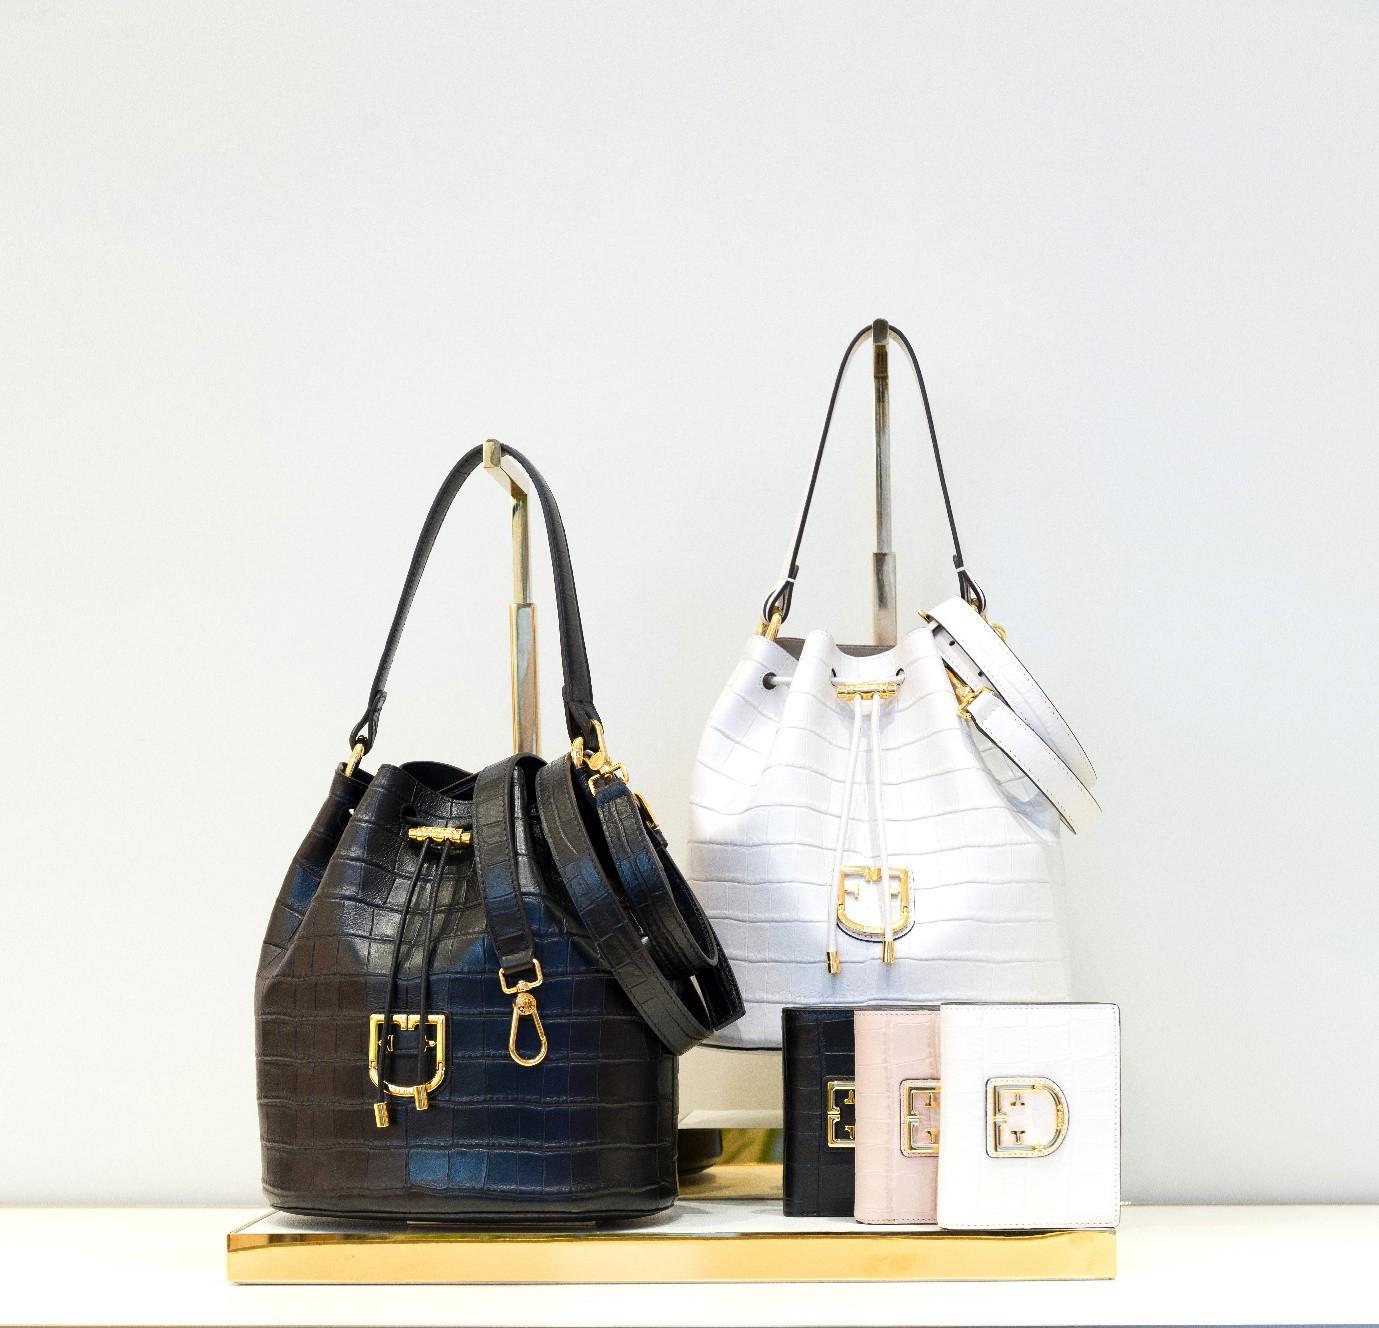 Săn sale cực đã, giảm giá lên đến 50% từ thương hiệu túi xách Furla - Ảnh 5.